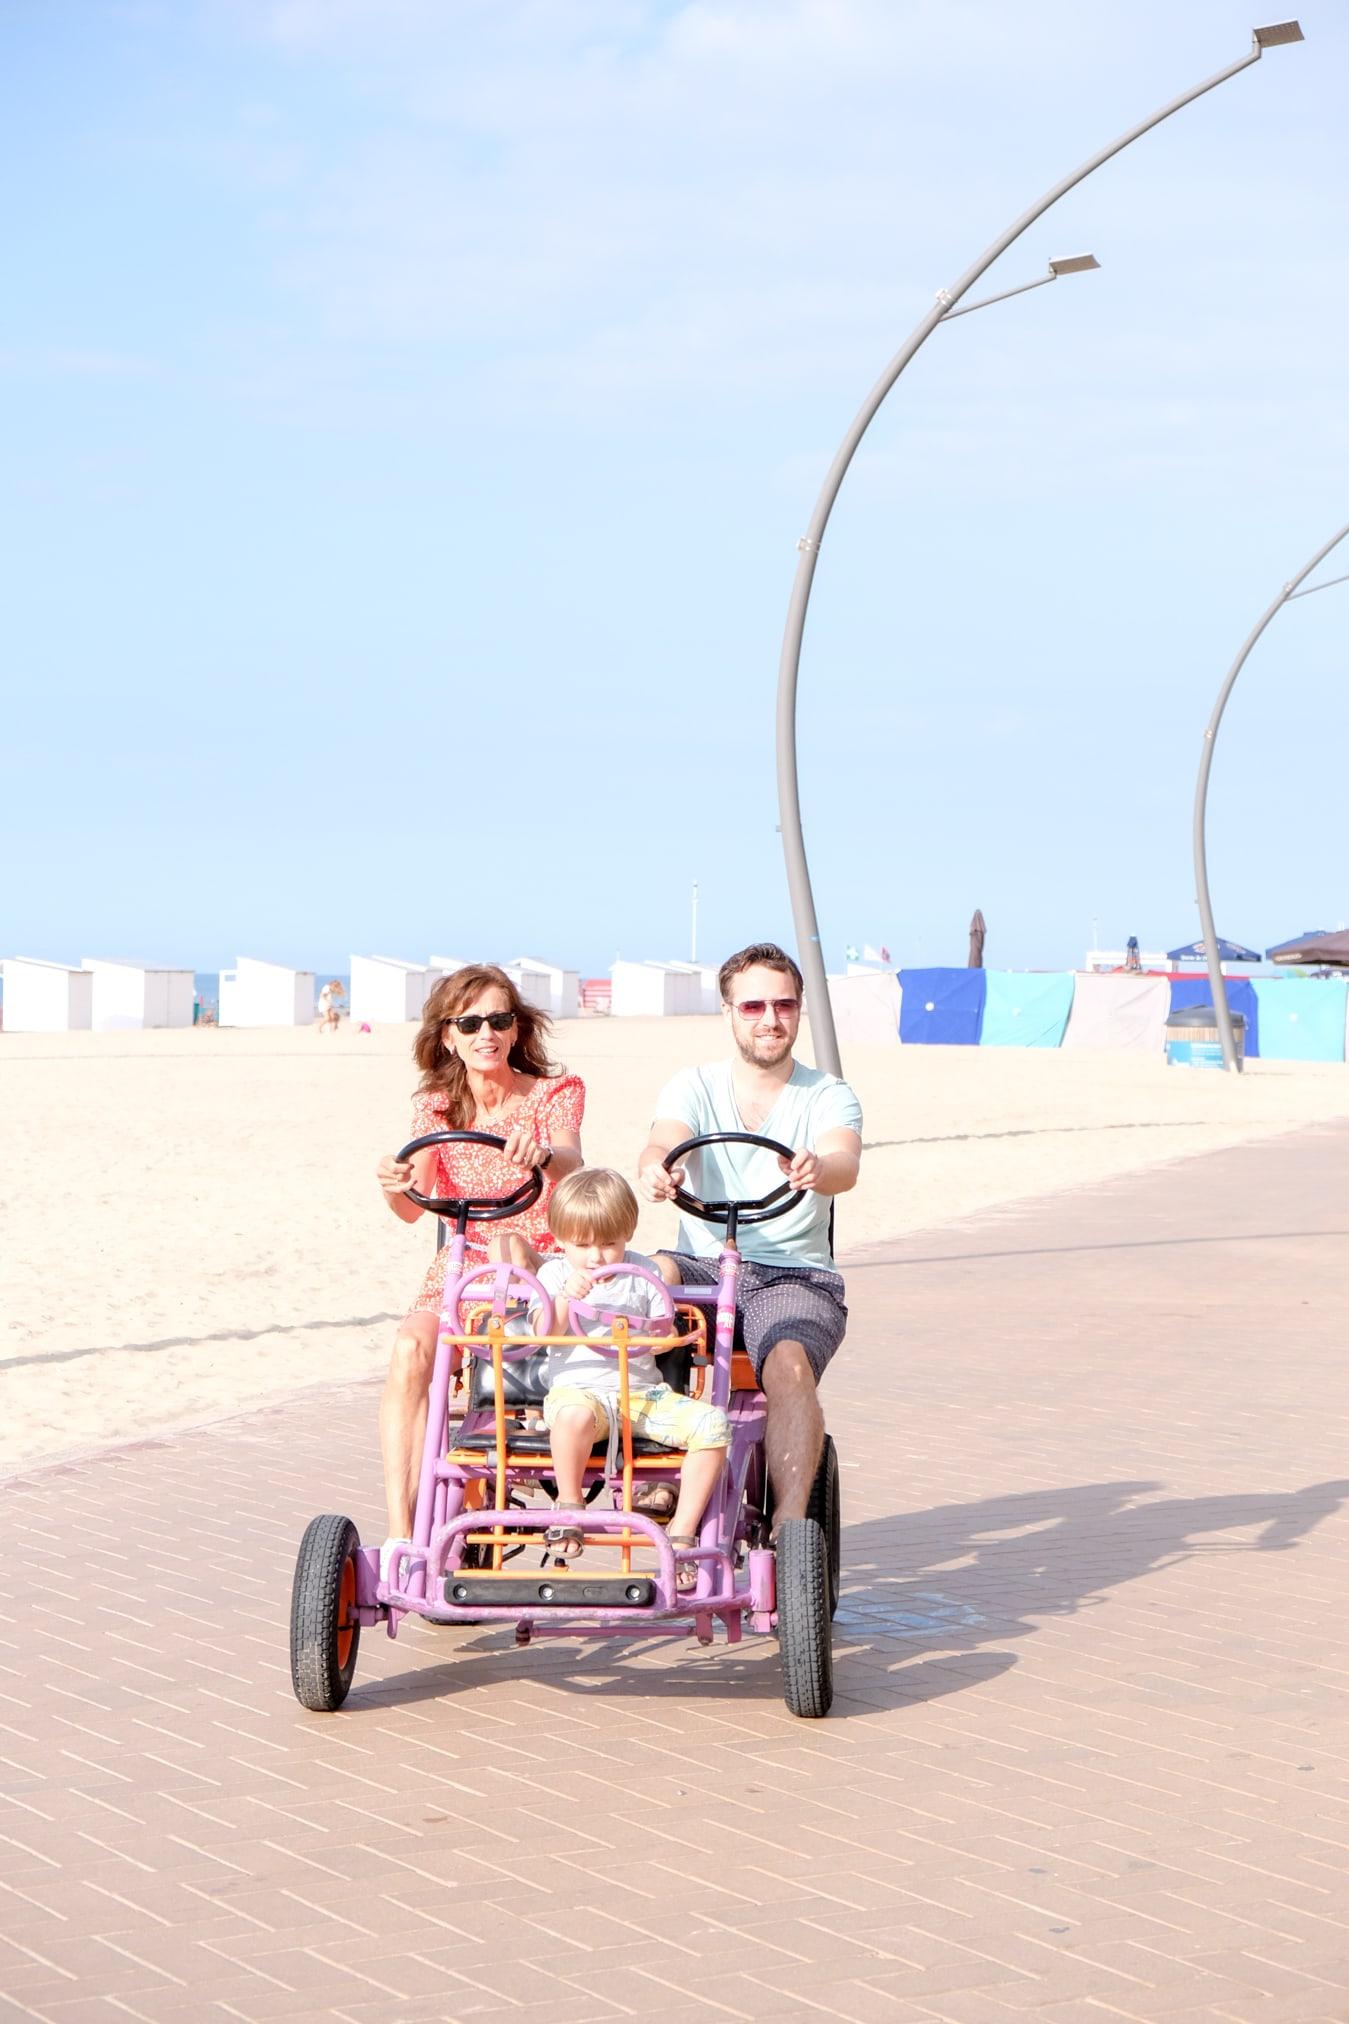 de panne strand fietsverhuur